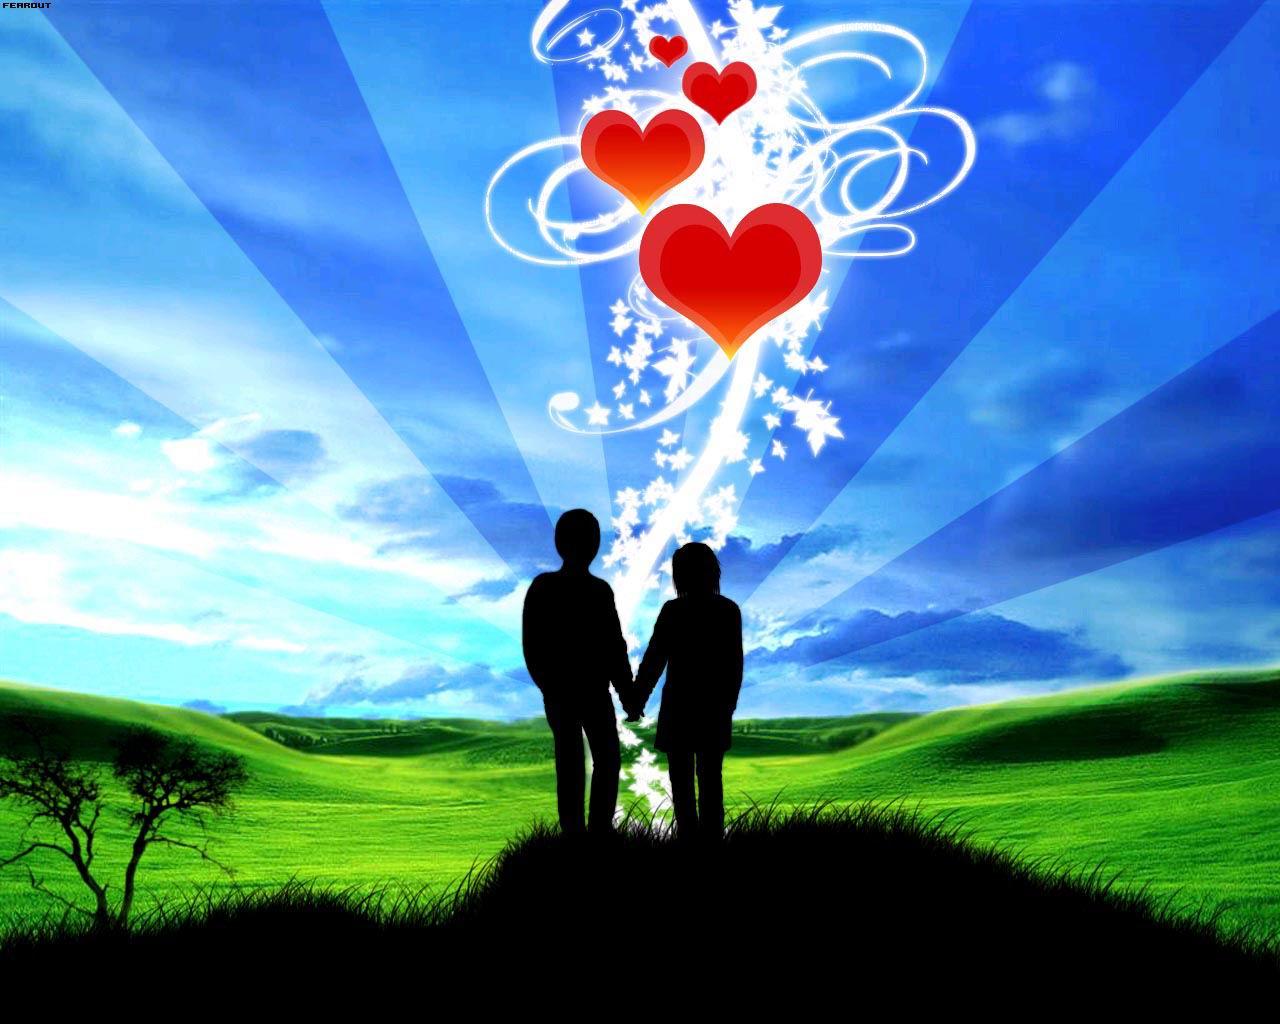 http://3.bp.blogspot.com/-w1YTq-g_mUQ/TdCDhCYXi4I/AAAAAAAABdg/ZATDygqbnmc/s1600/wallpaper-69609.jpg